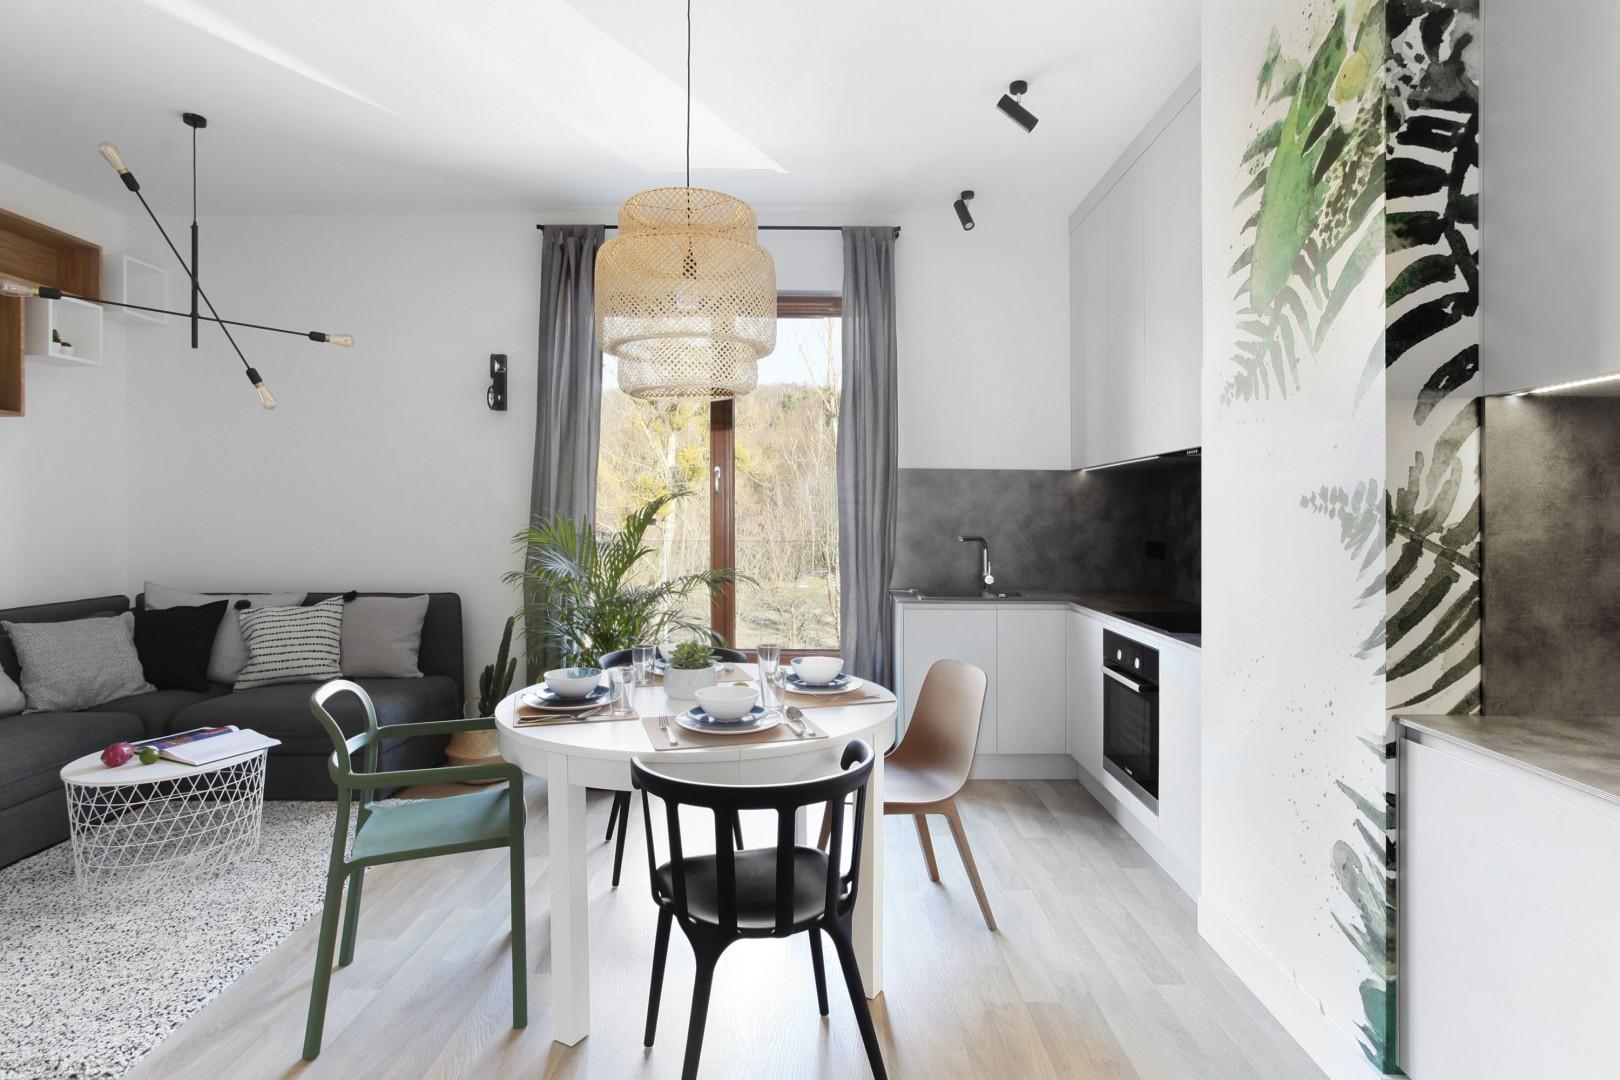 We wnętrzu łączącym funkcje kuchni i salonu można też wygospodarować część jadalną. Projekt StudioLOKO